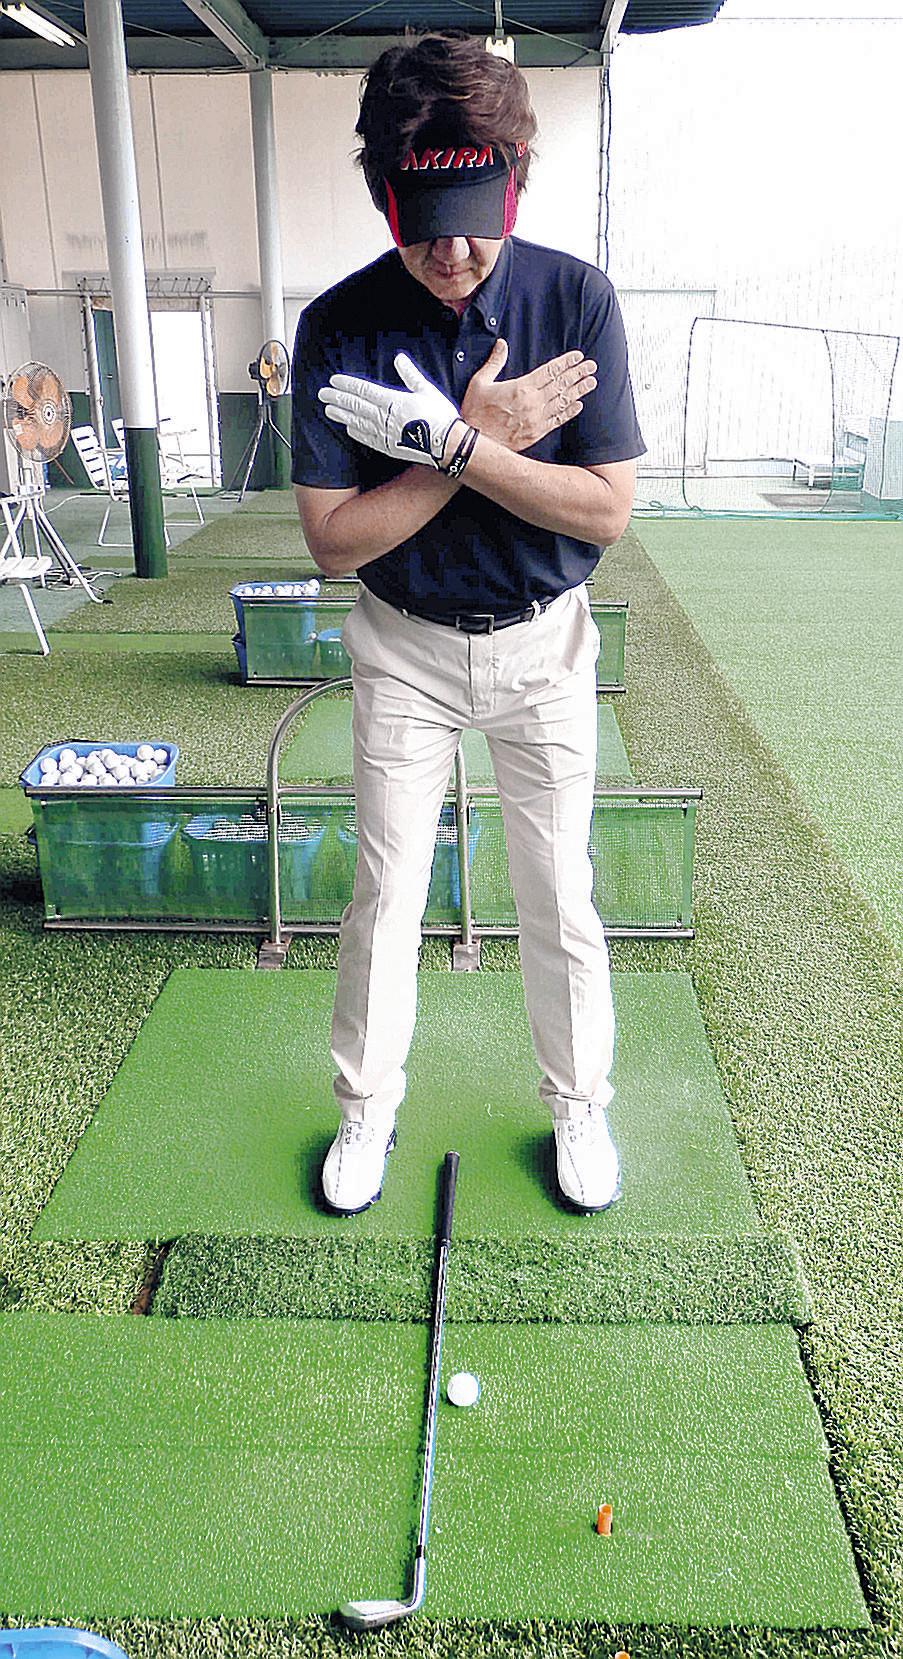 クラブを使うなど、真っすぐに立つ練習方法を教える北川プロ